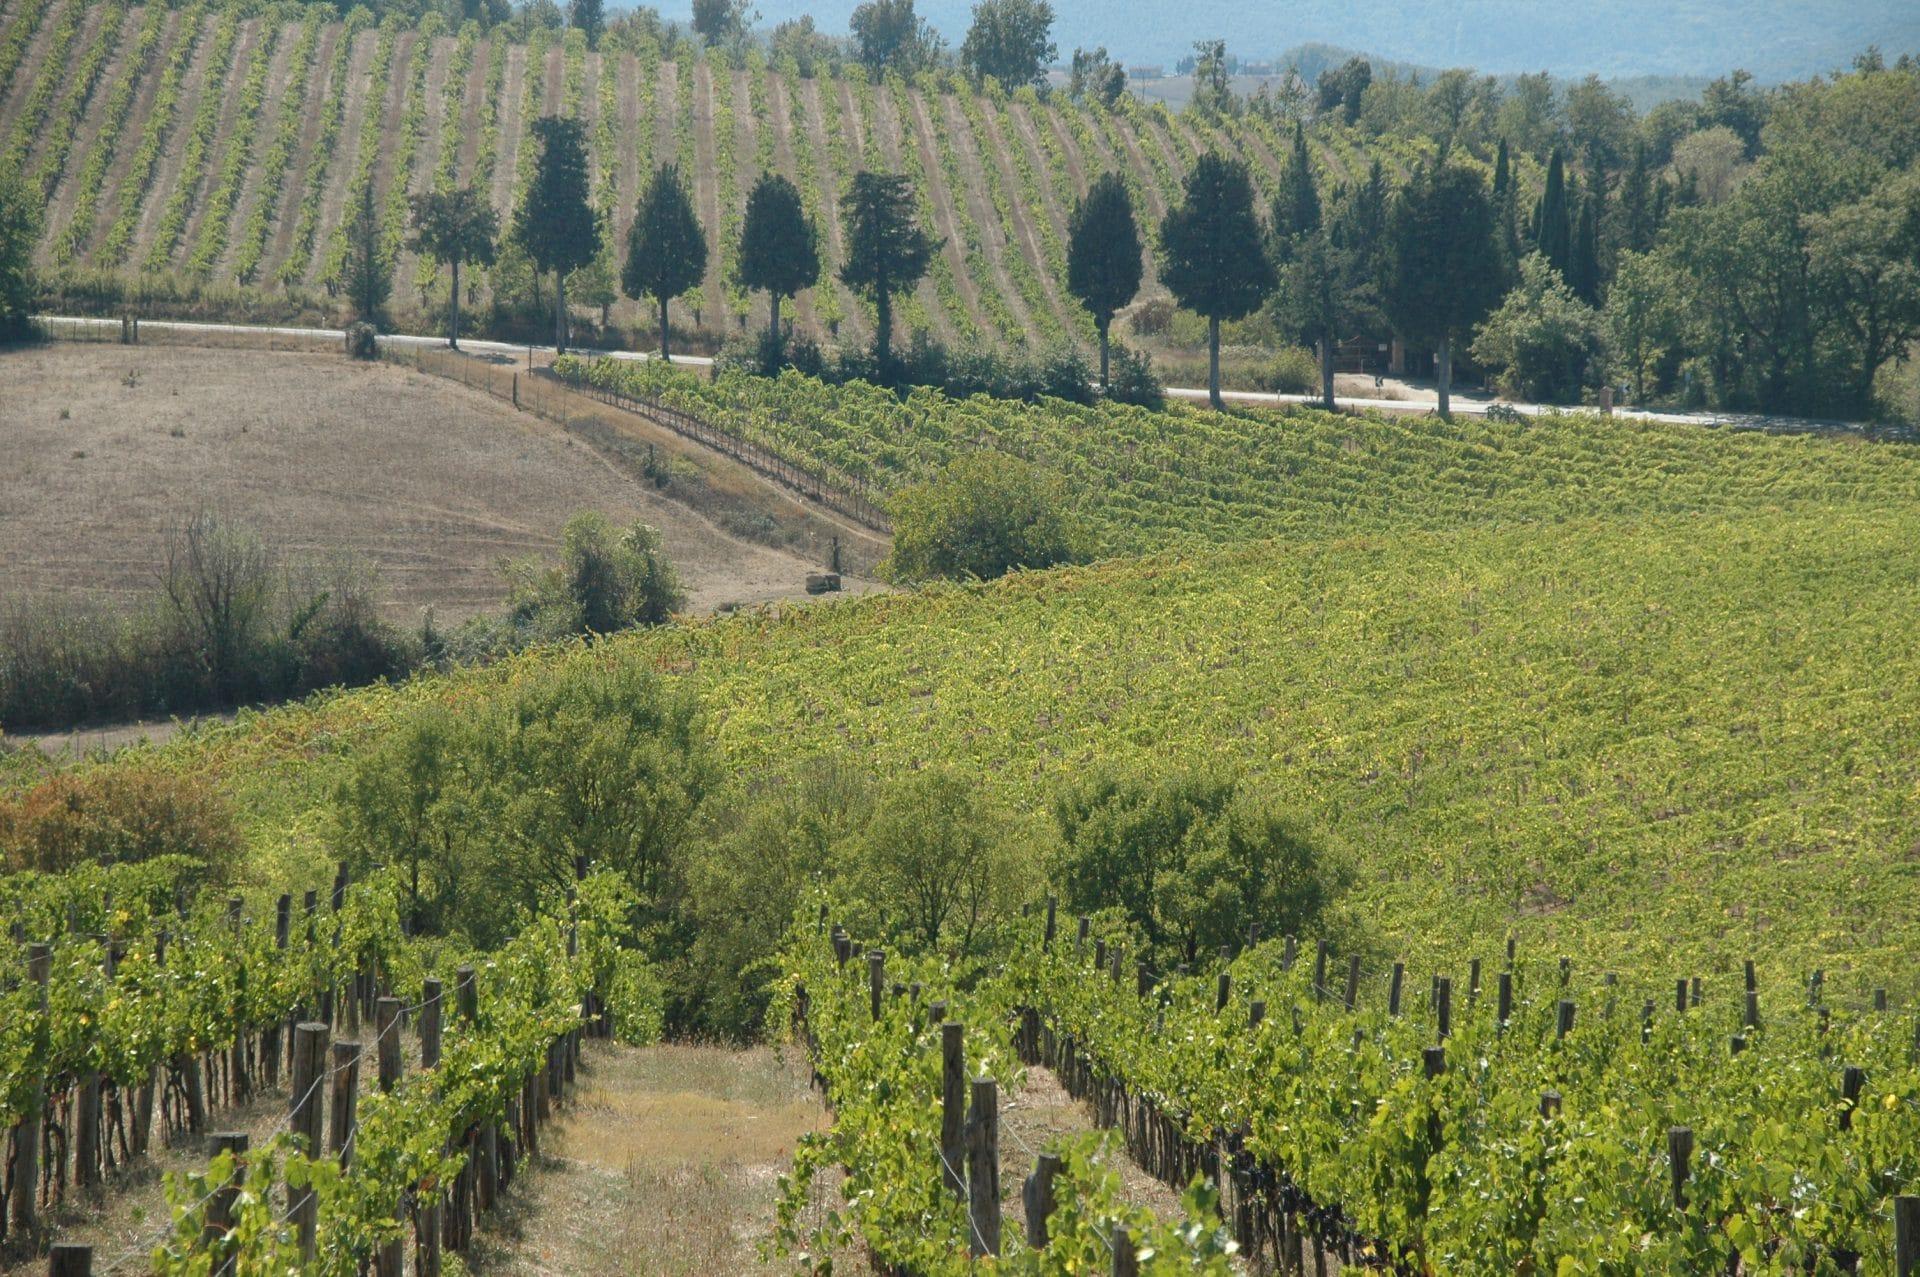 Comprare e investire nel vino; la nuova frontiera del Real Estate internazionale